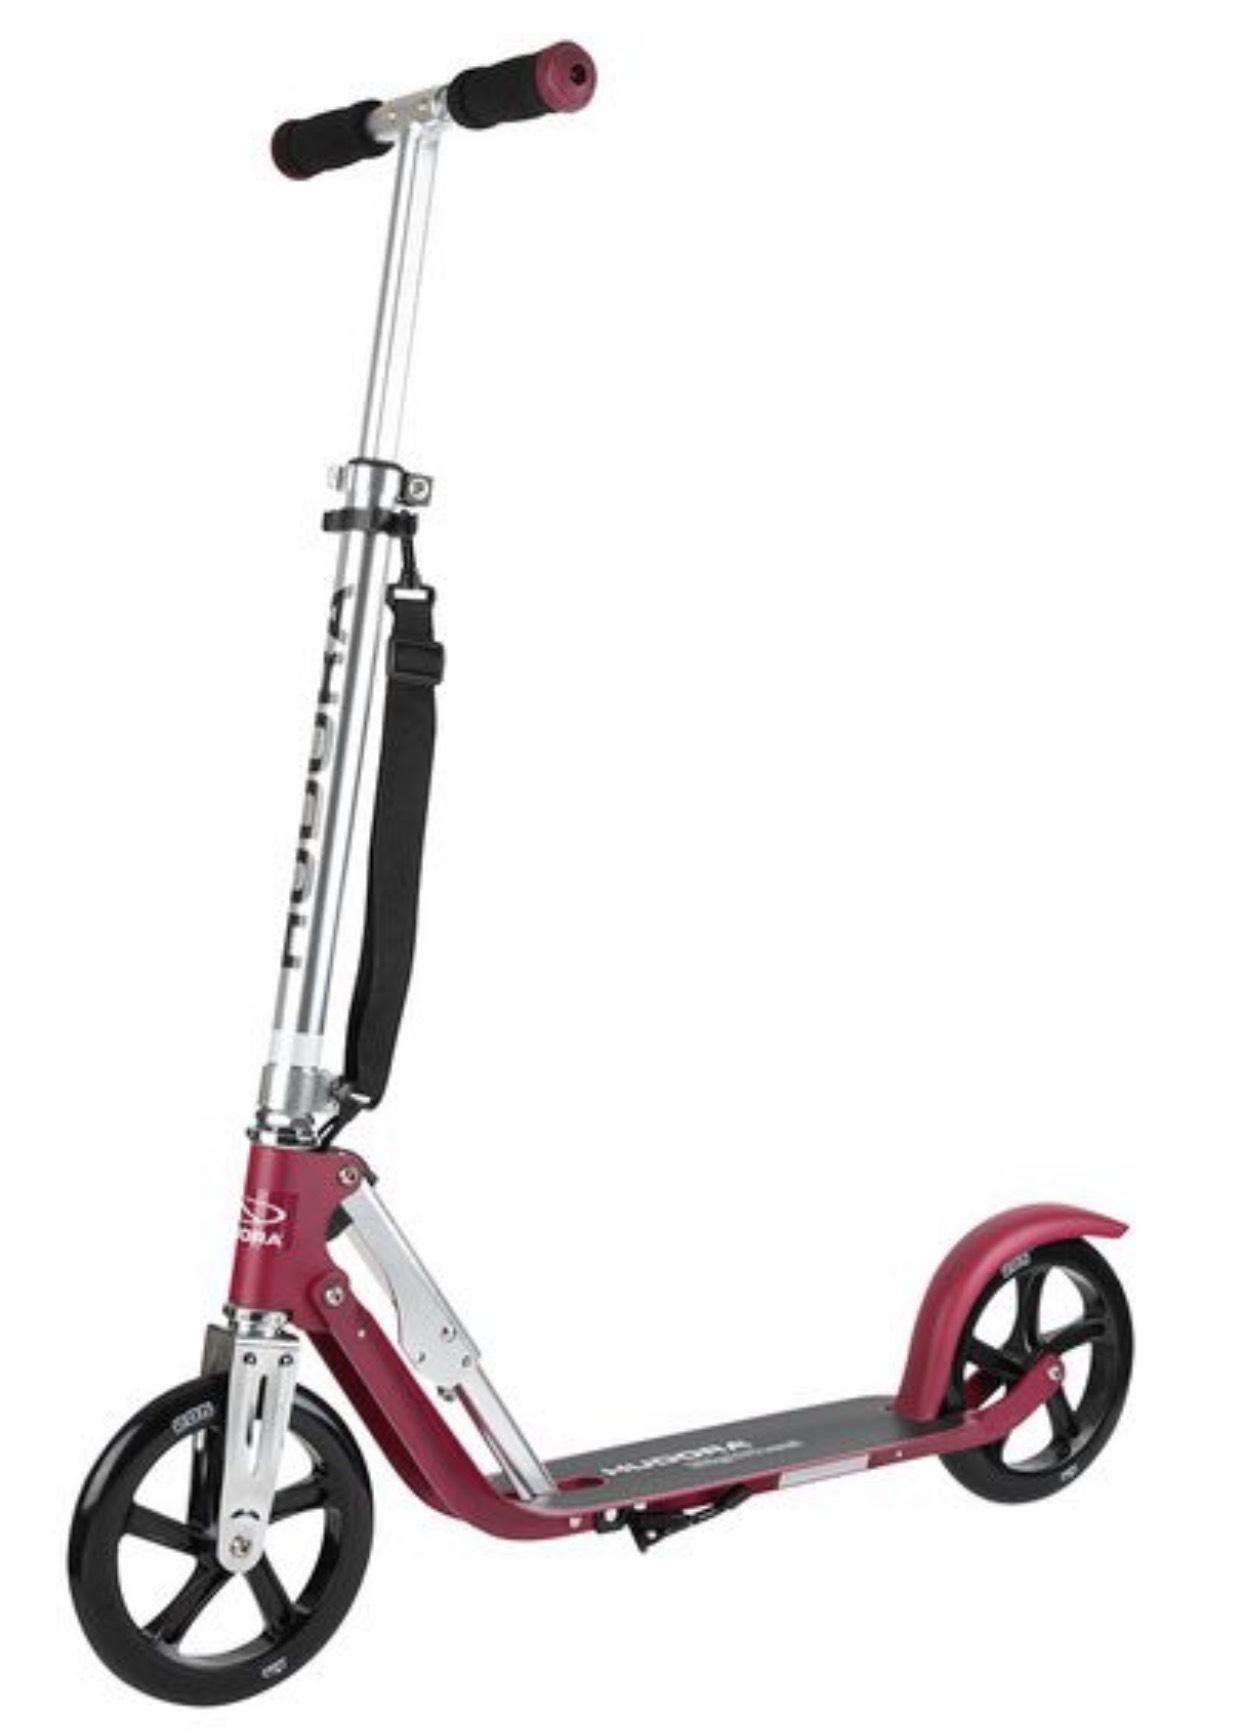 Hudora Big Wheel 205 - Roller / Scooter